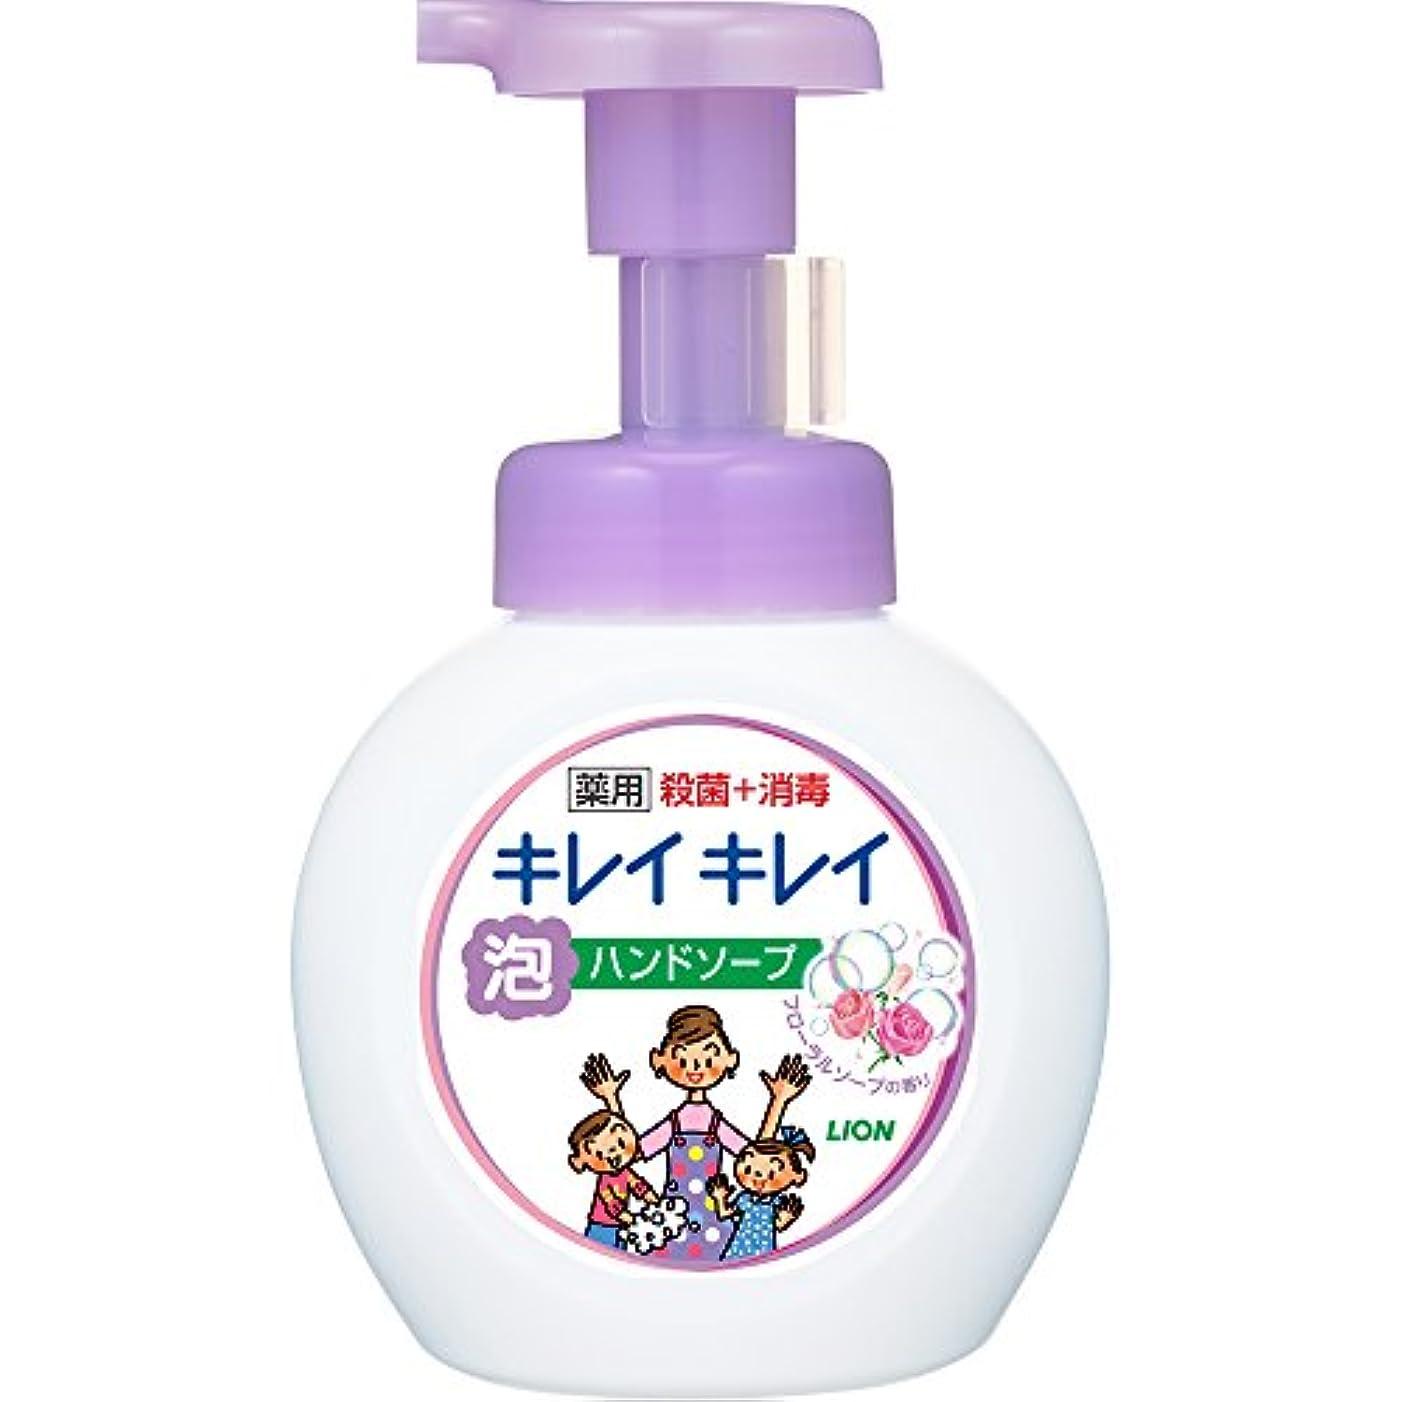 転送クライマックスキレイキレイ 薬用 泡ハンドソープ フローラルソープの香り 本体ポンプ 250ml(医薬部外品)